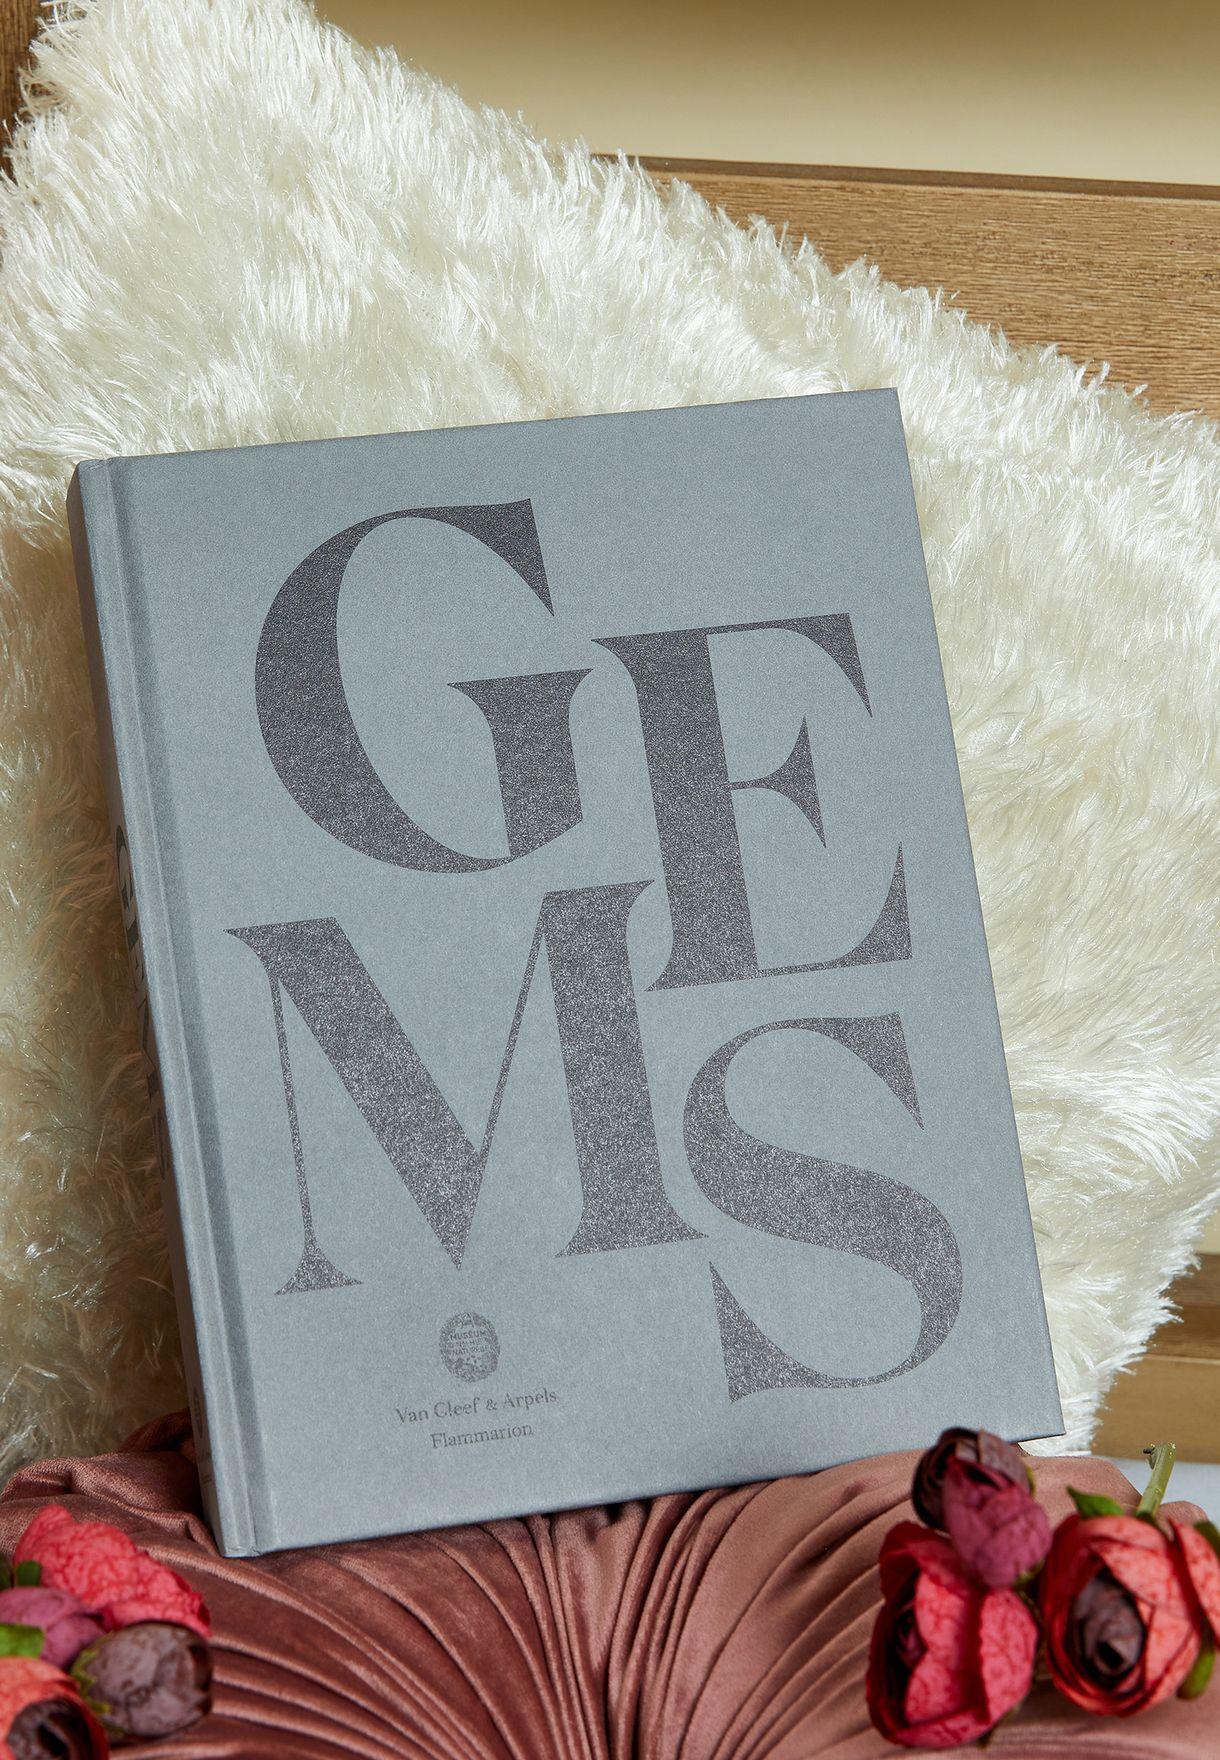 كتاب Gems Van Cleef & Arpels